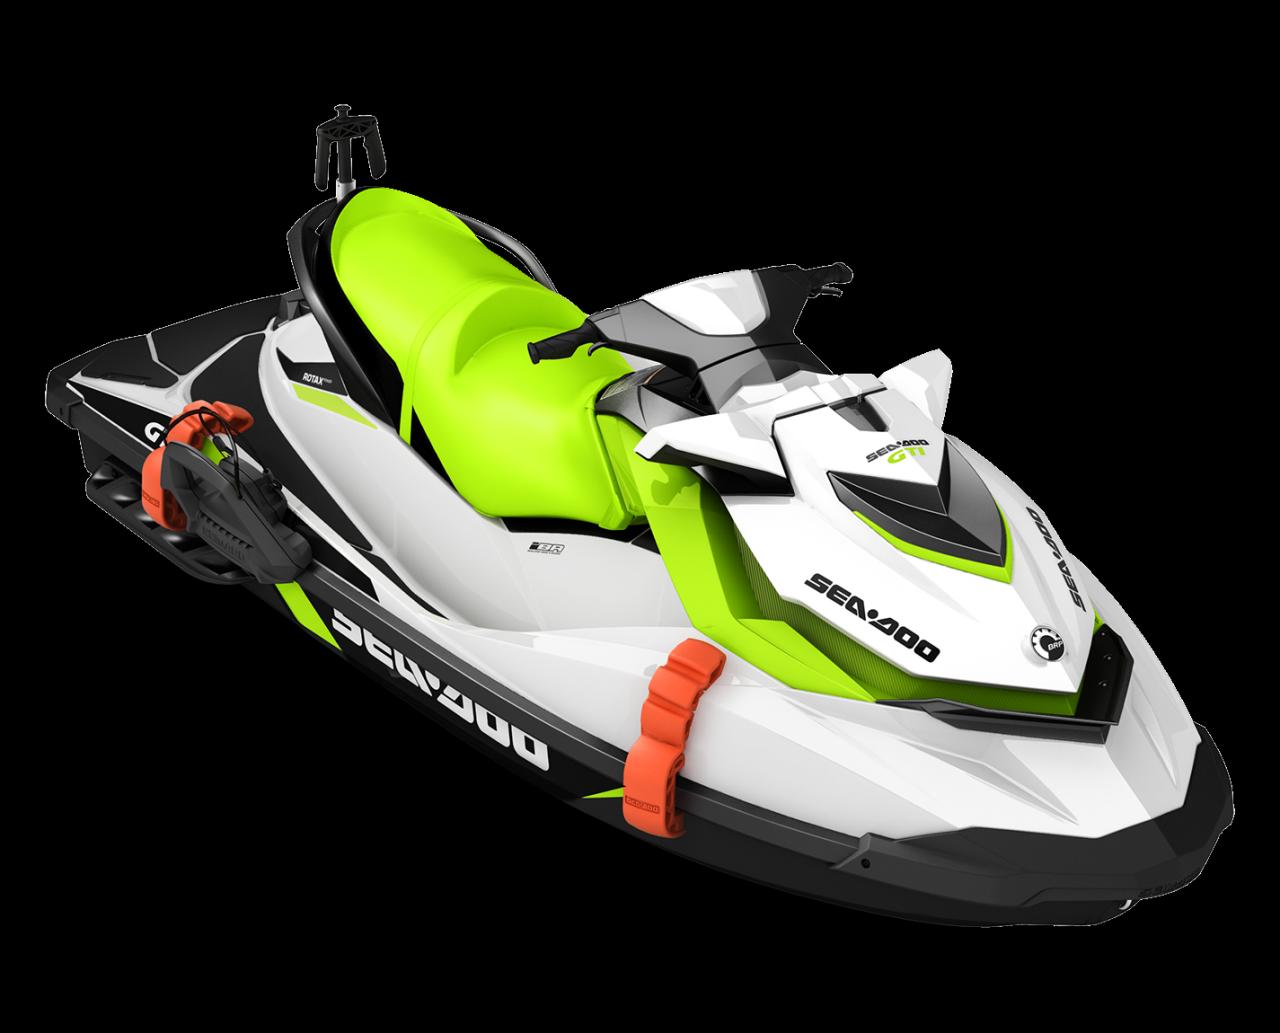 Sea Doo Gti Limited 155 Family Fun Sea Doo Watercraft Sea Doo Us Jet Ski Skis For Sale Seadoo